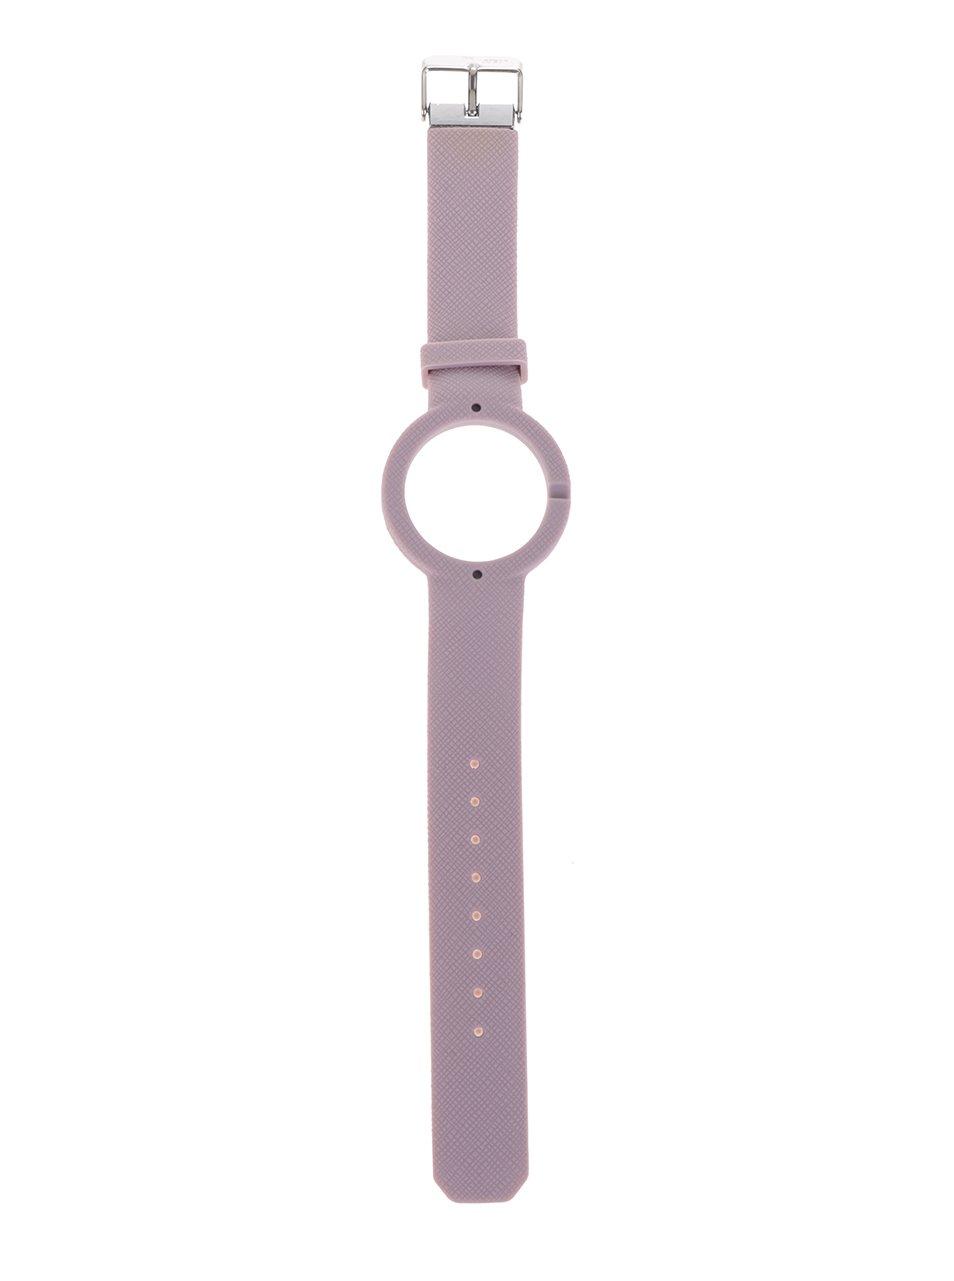 Starorůžový gumový pásek k hodinkám Ju'sto Antico 40 mm